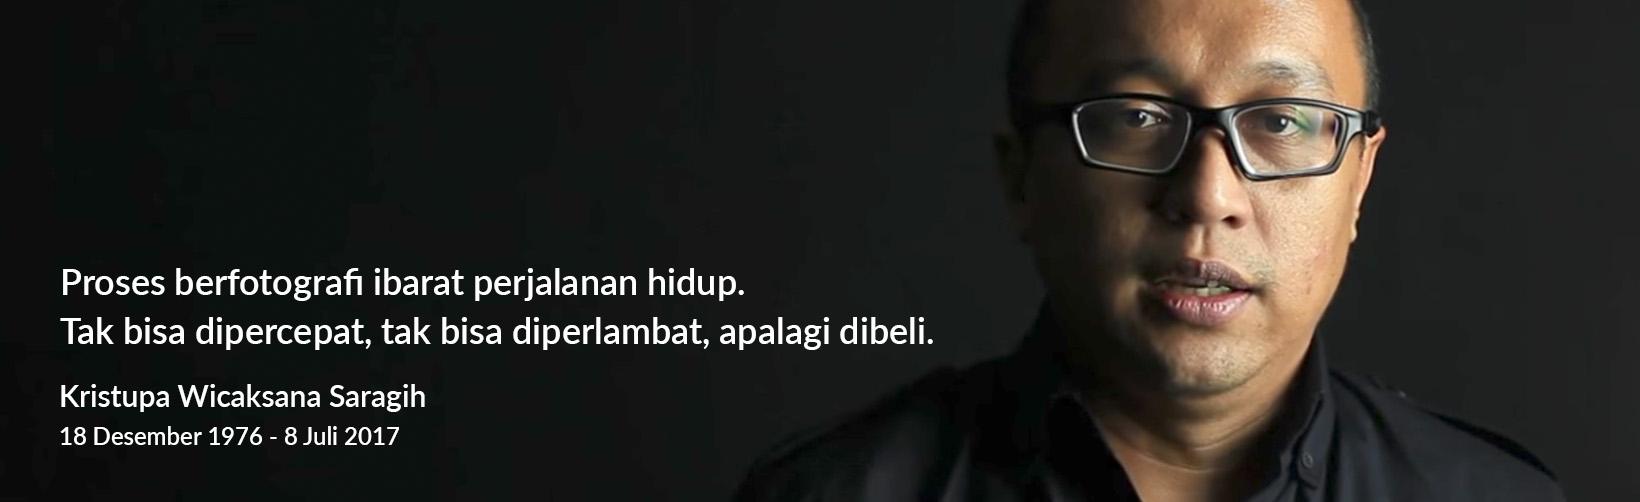 Kristupa saragih RIP meninggal fotografer net 1